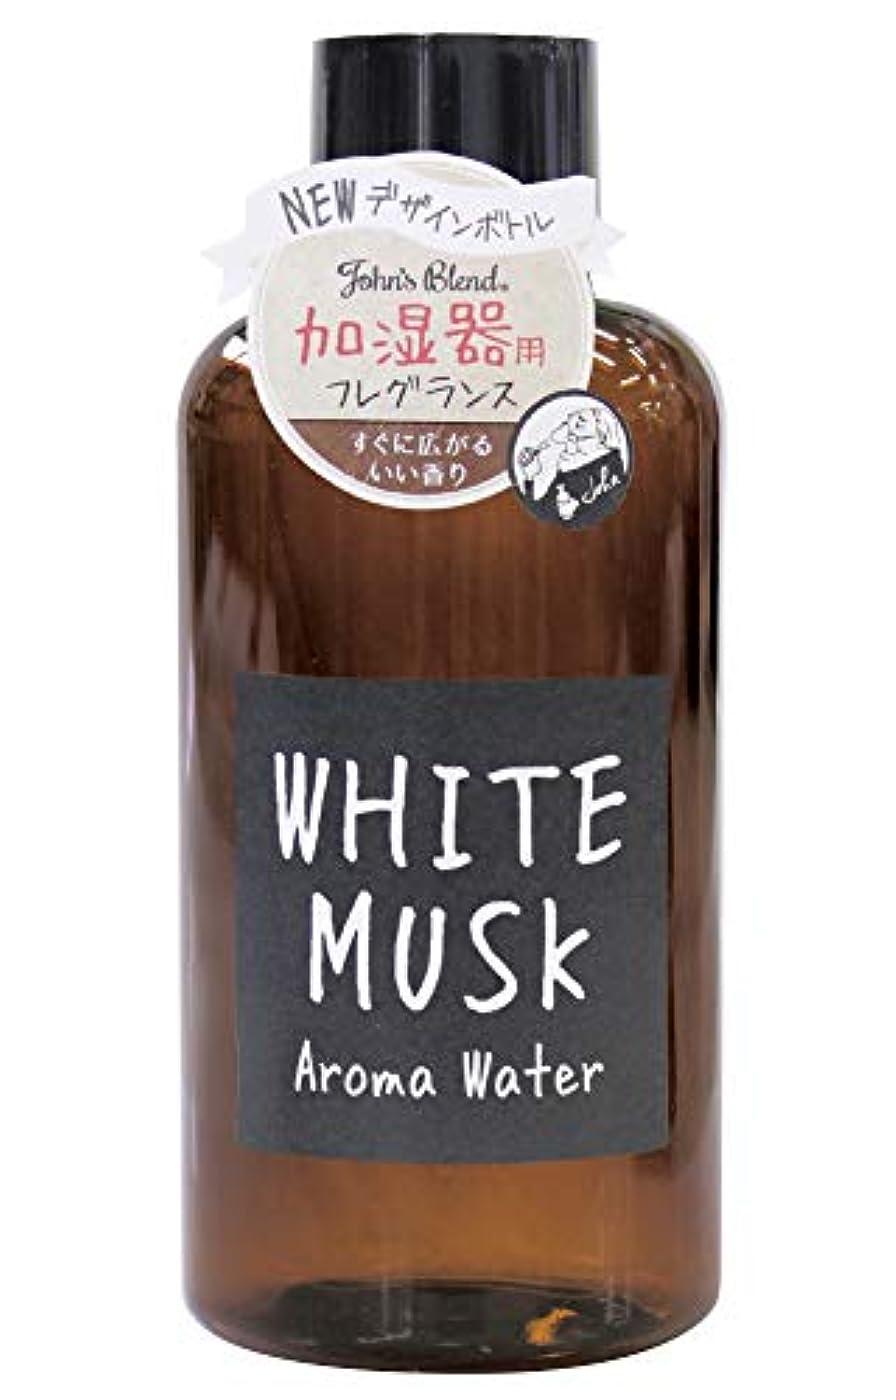 ライナー学部長金銭的なJohnsBlend(ジョンズブレンド) アロマウォーター 加湿器用 520ml ホワイトムスクの香り OA-JON-12-1